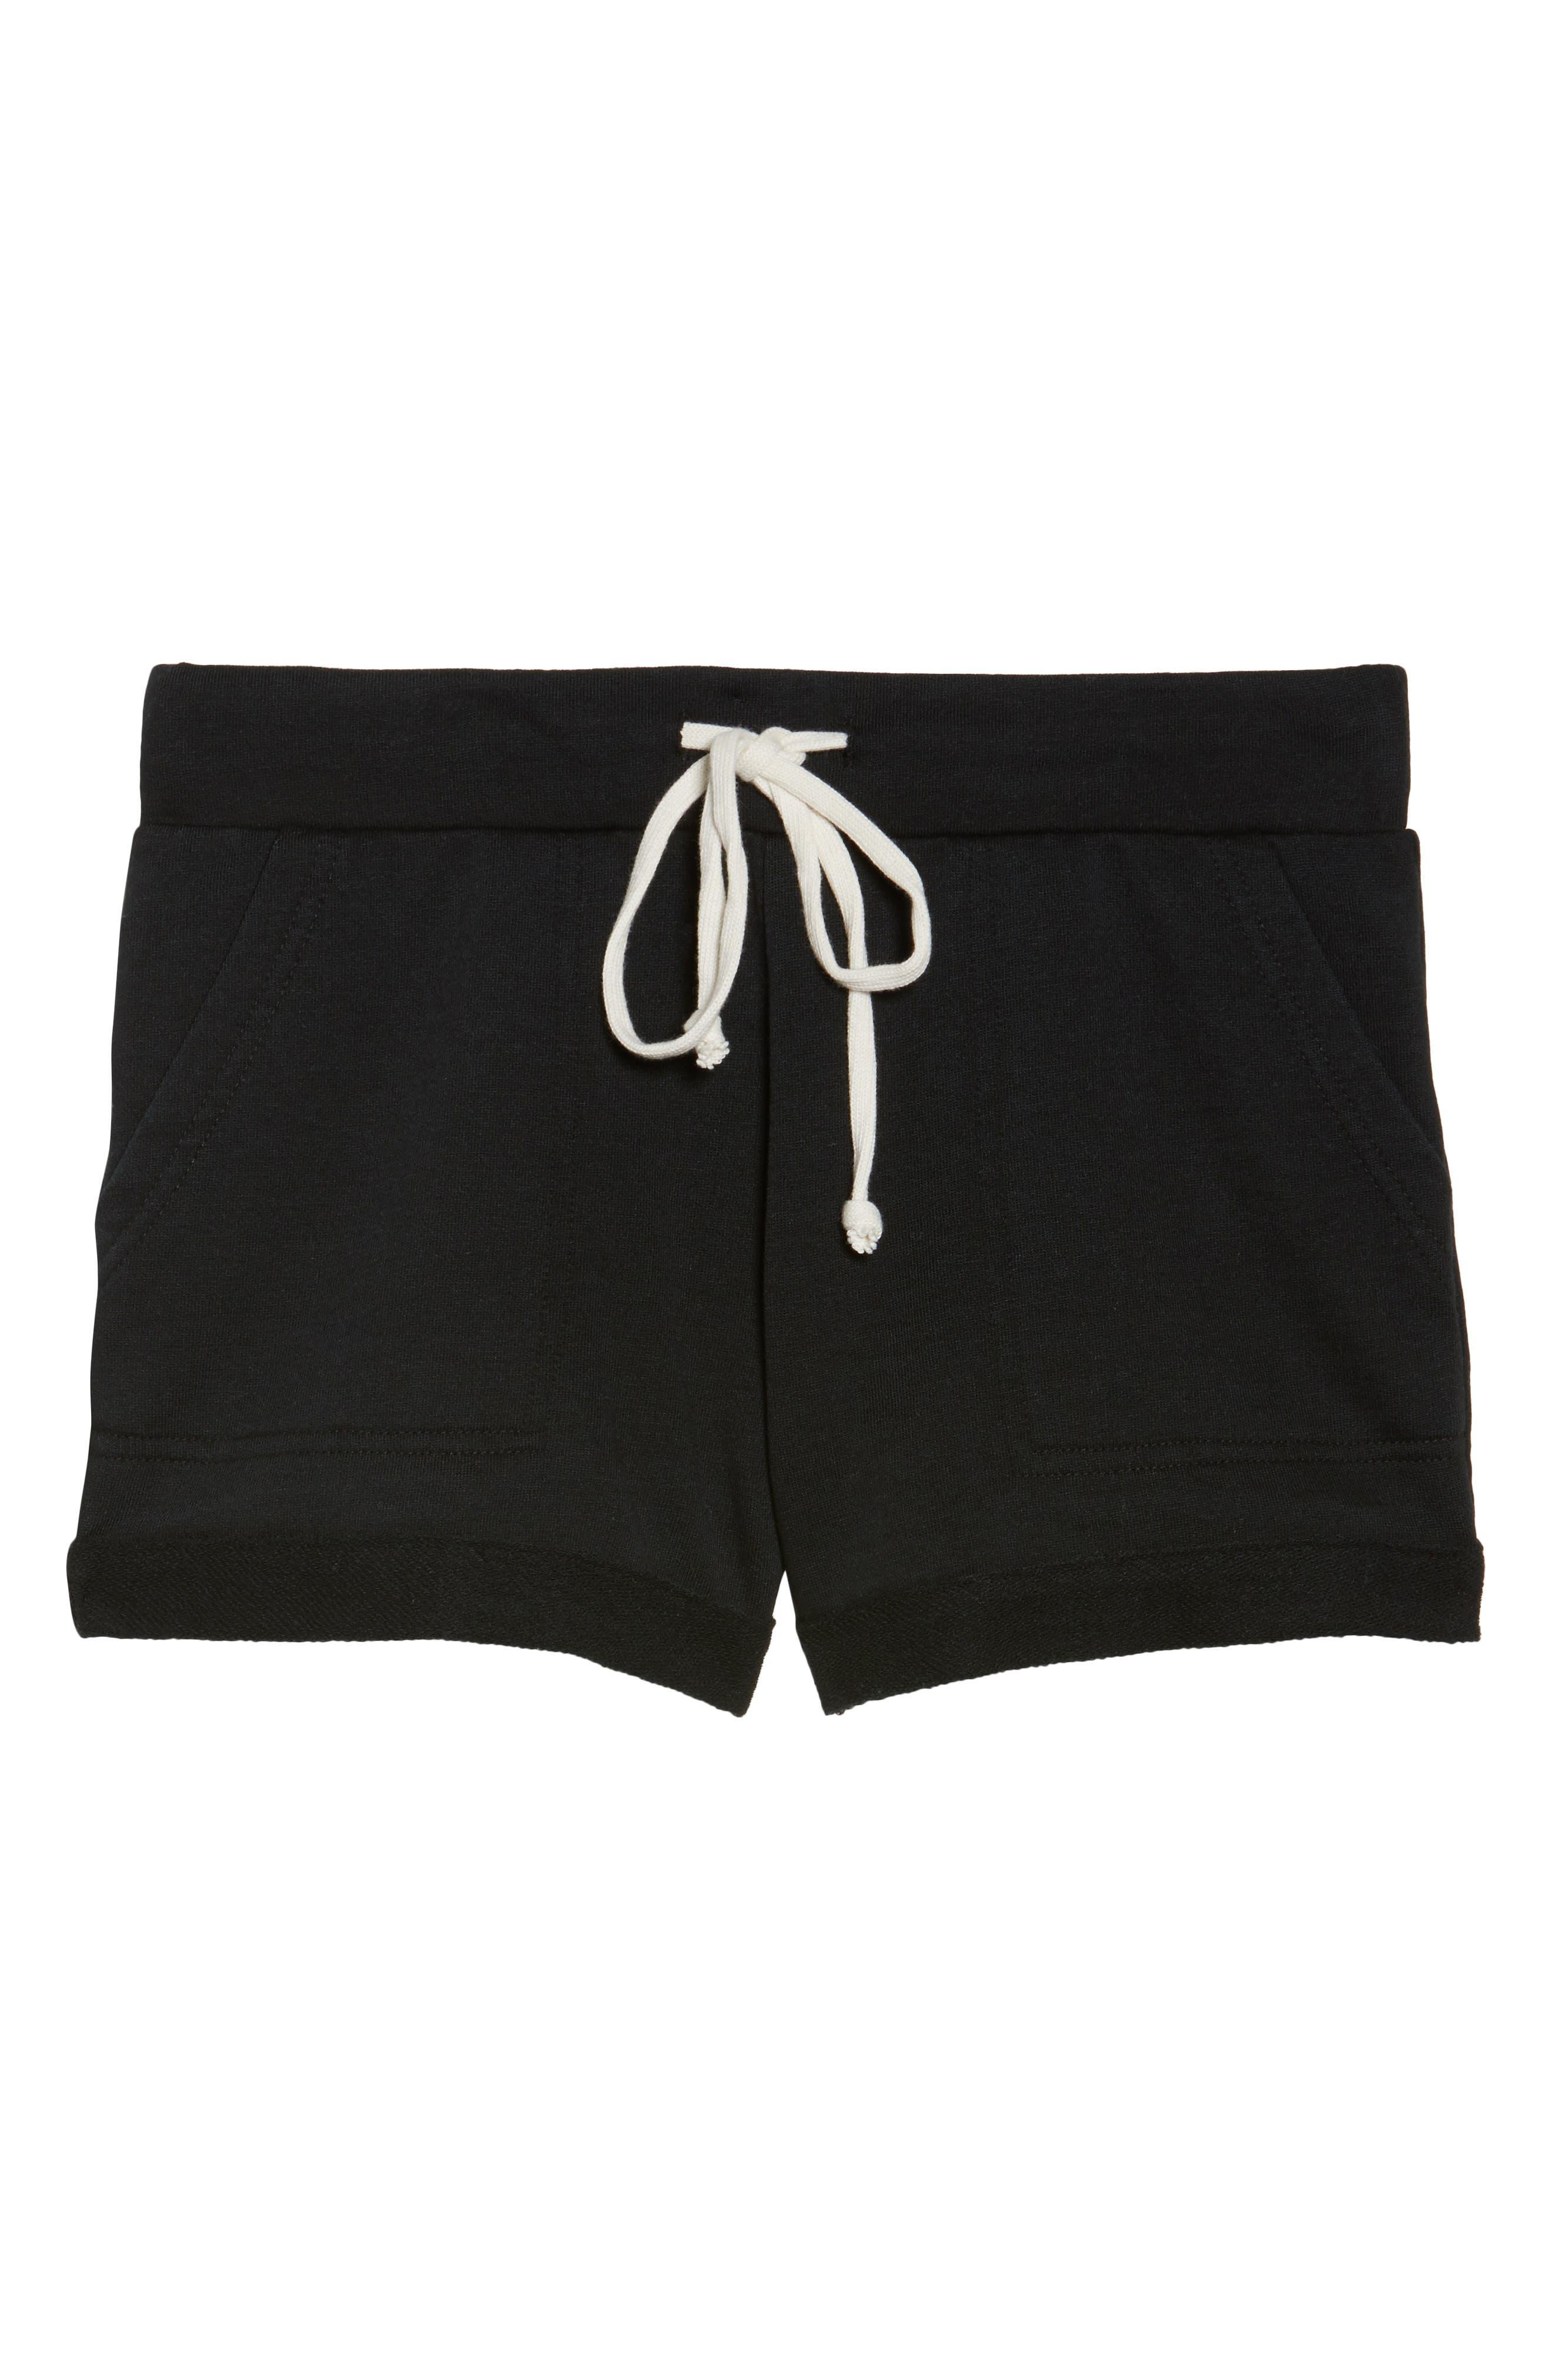 Lounge Shorts,                             Alternate thumbnail 4, color,                             True Black